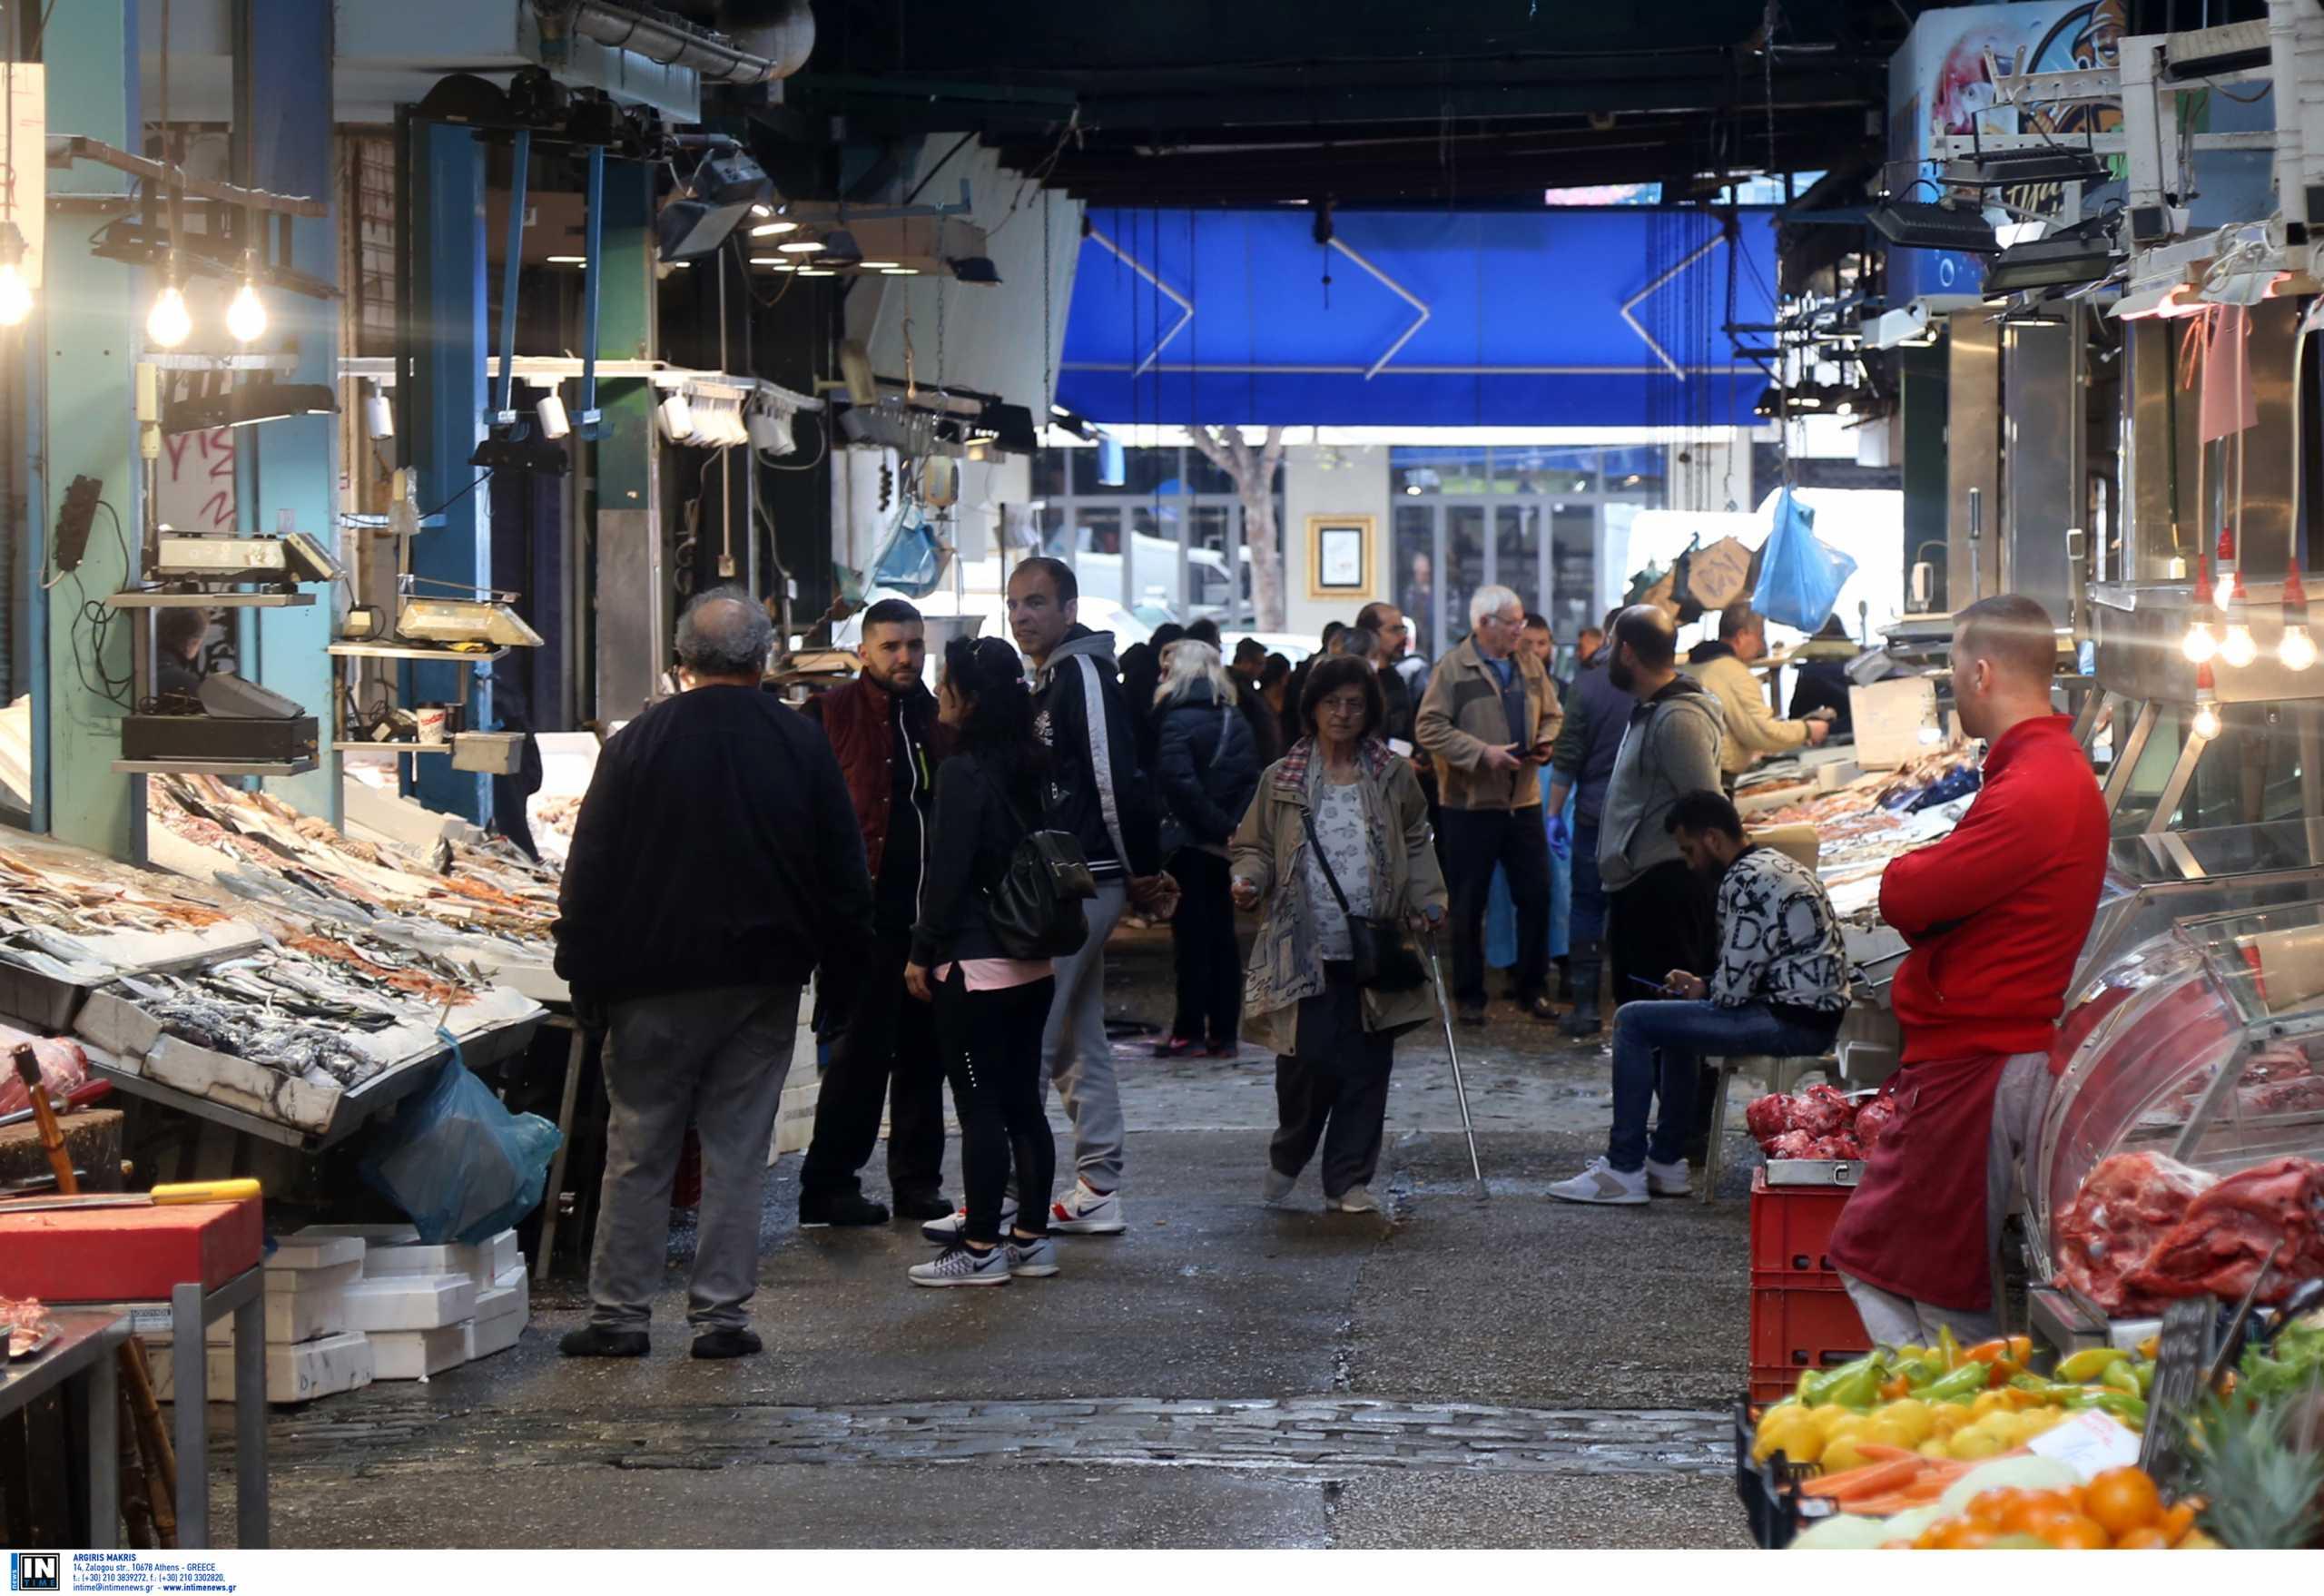 Θεσσαλονίκη: Πως θα λειτουργήσουν οι αγορές και τα καταστήματα την Καθαρά Δευτέρα (video)